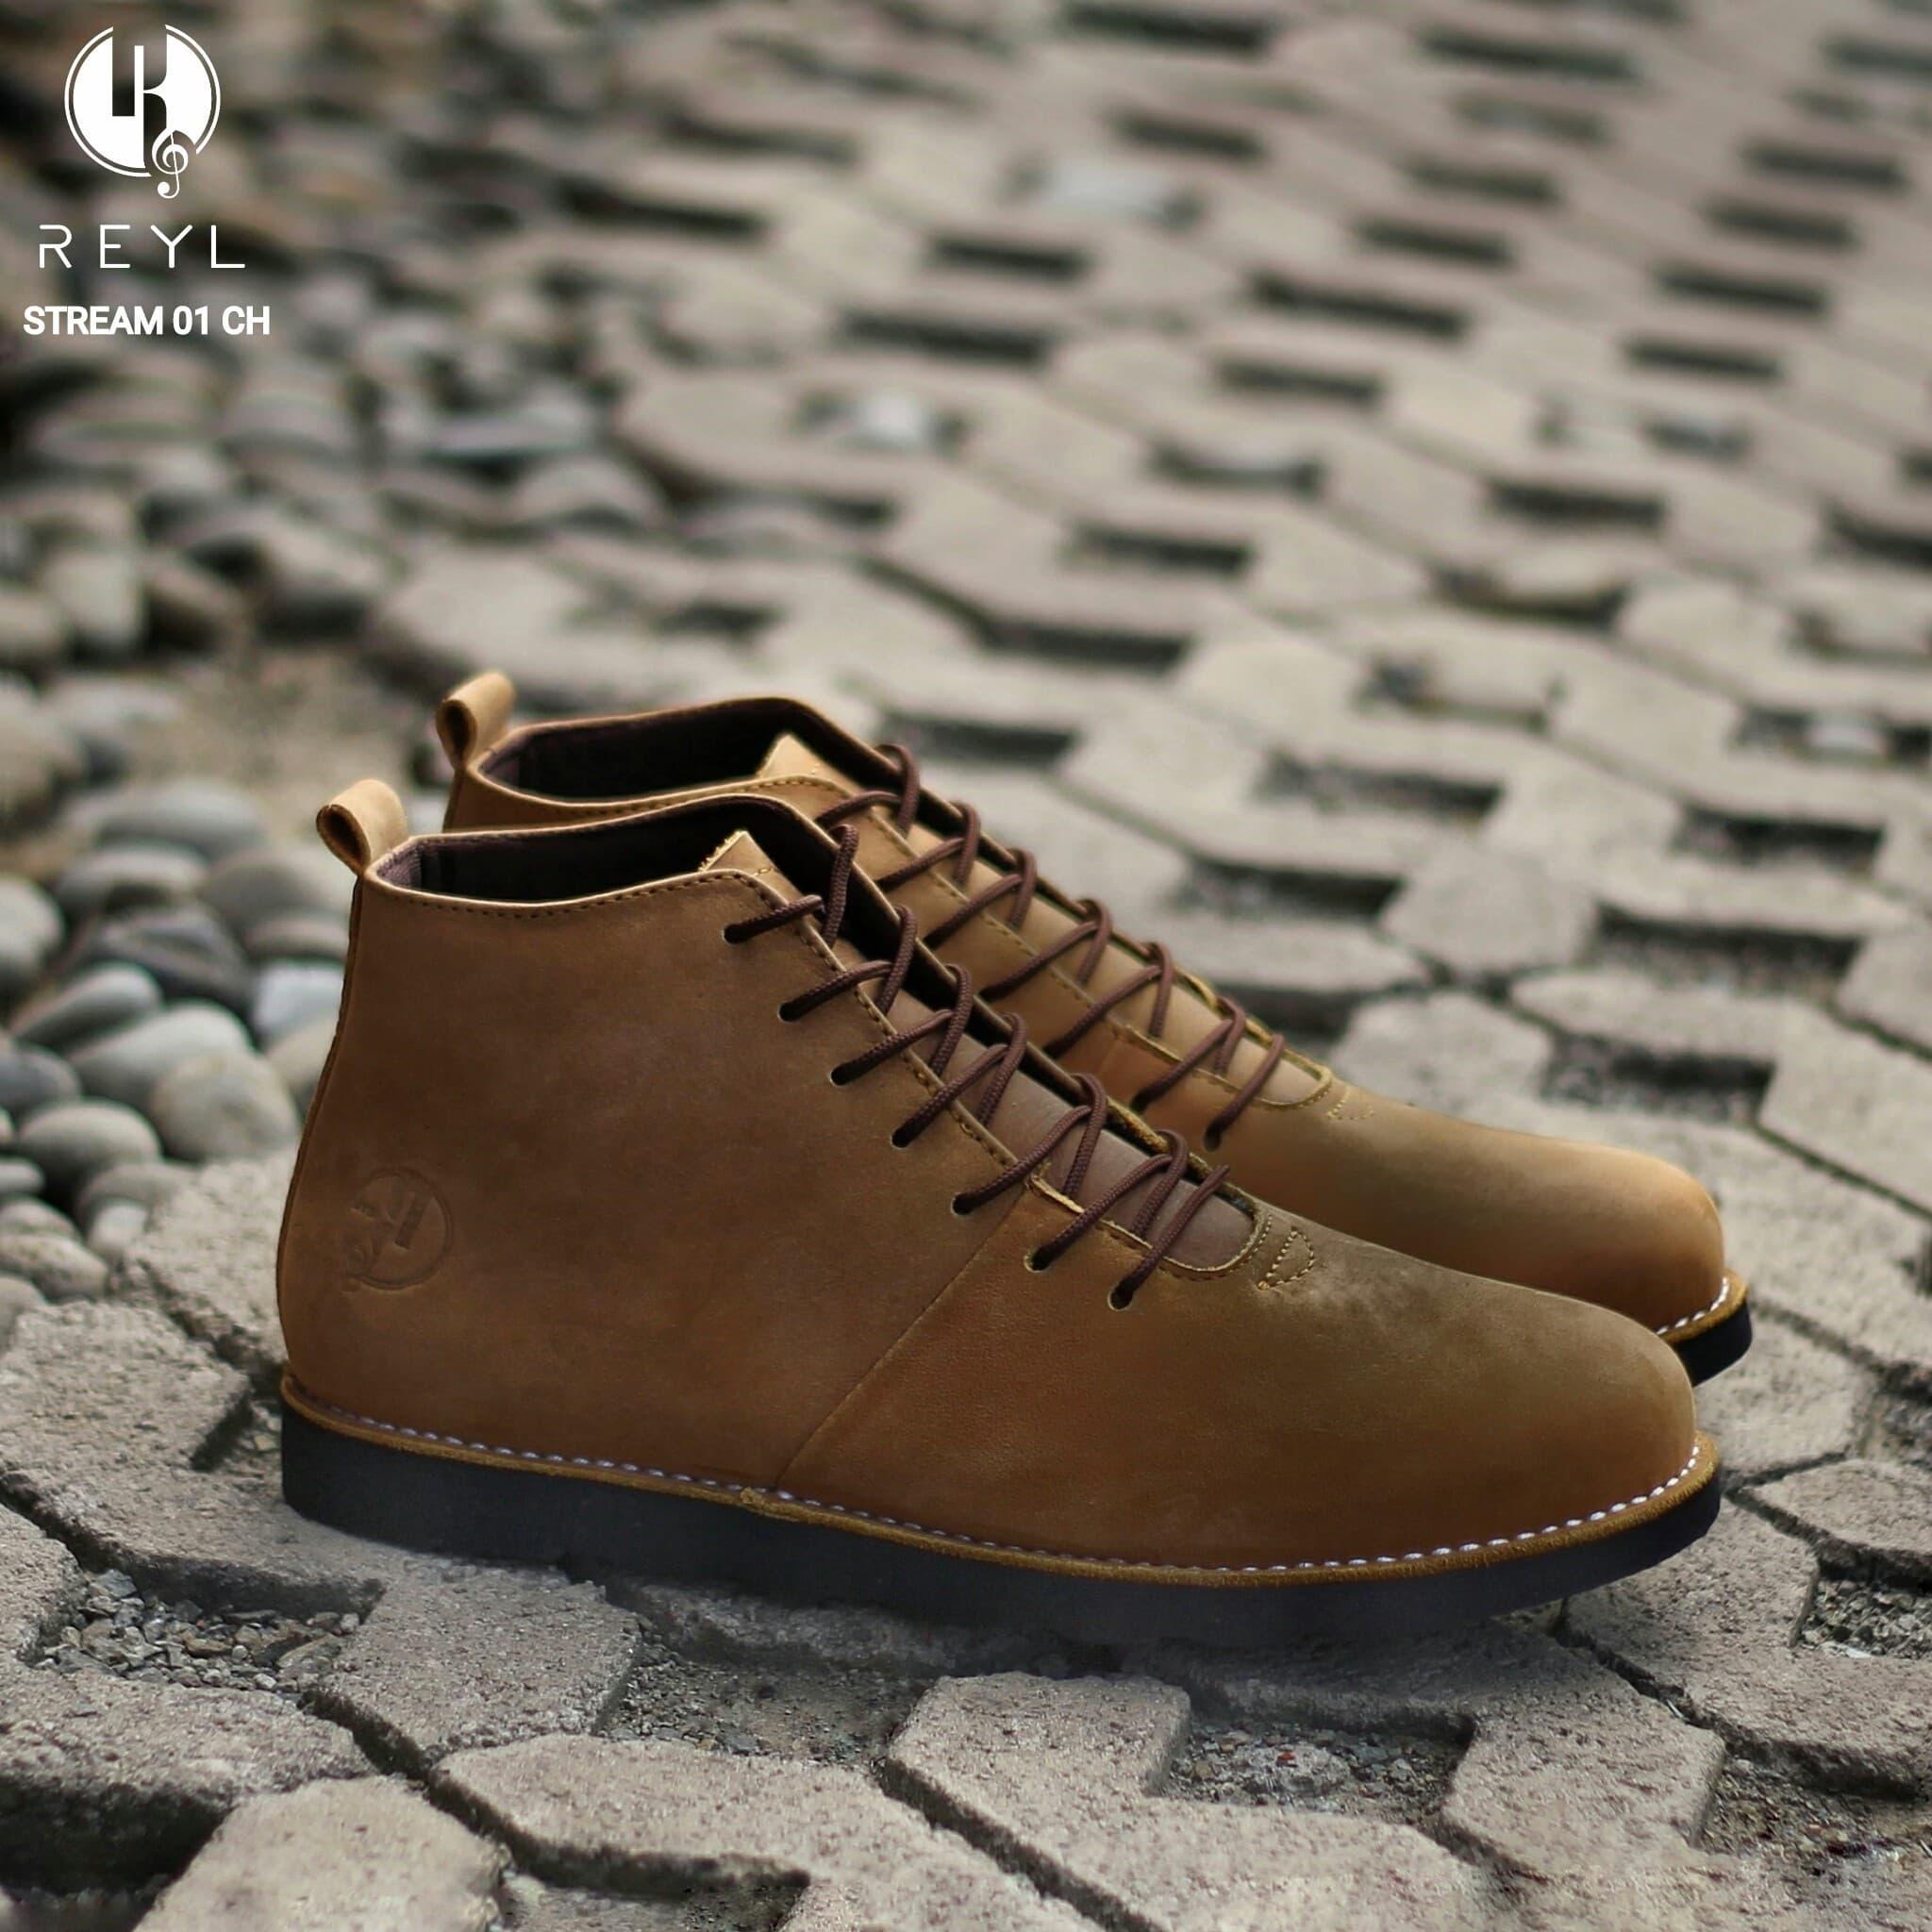 DISKON Sepatu Pantofel Pria REYL Stream 01 CH Original Kulit Asli Fornal bc3072d0ac